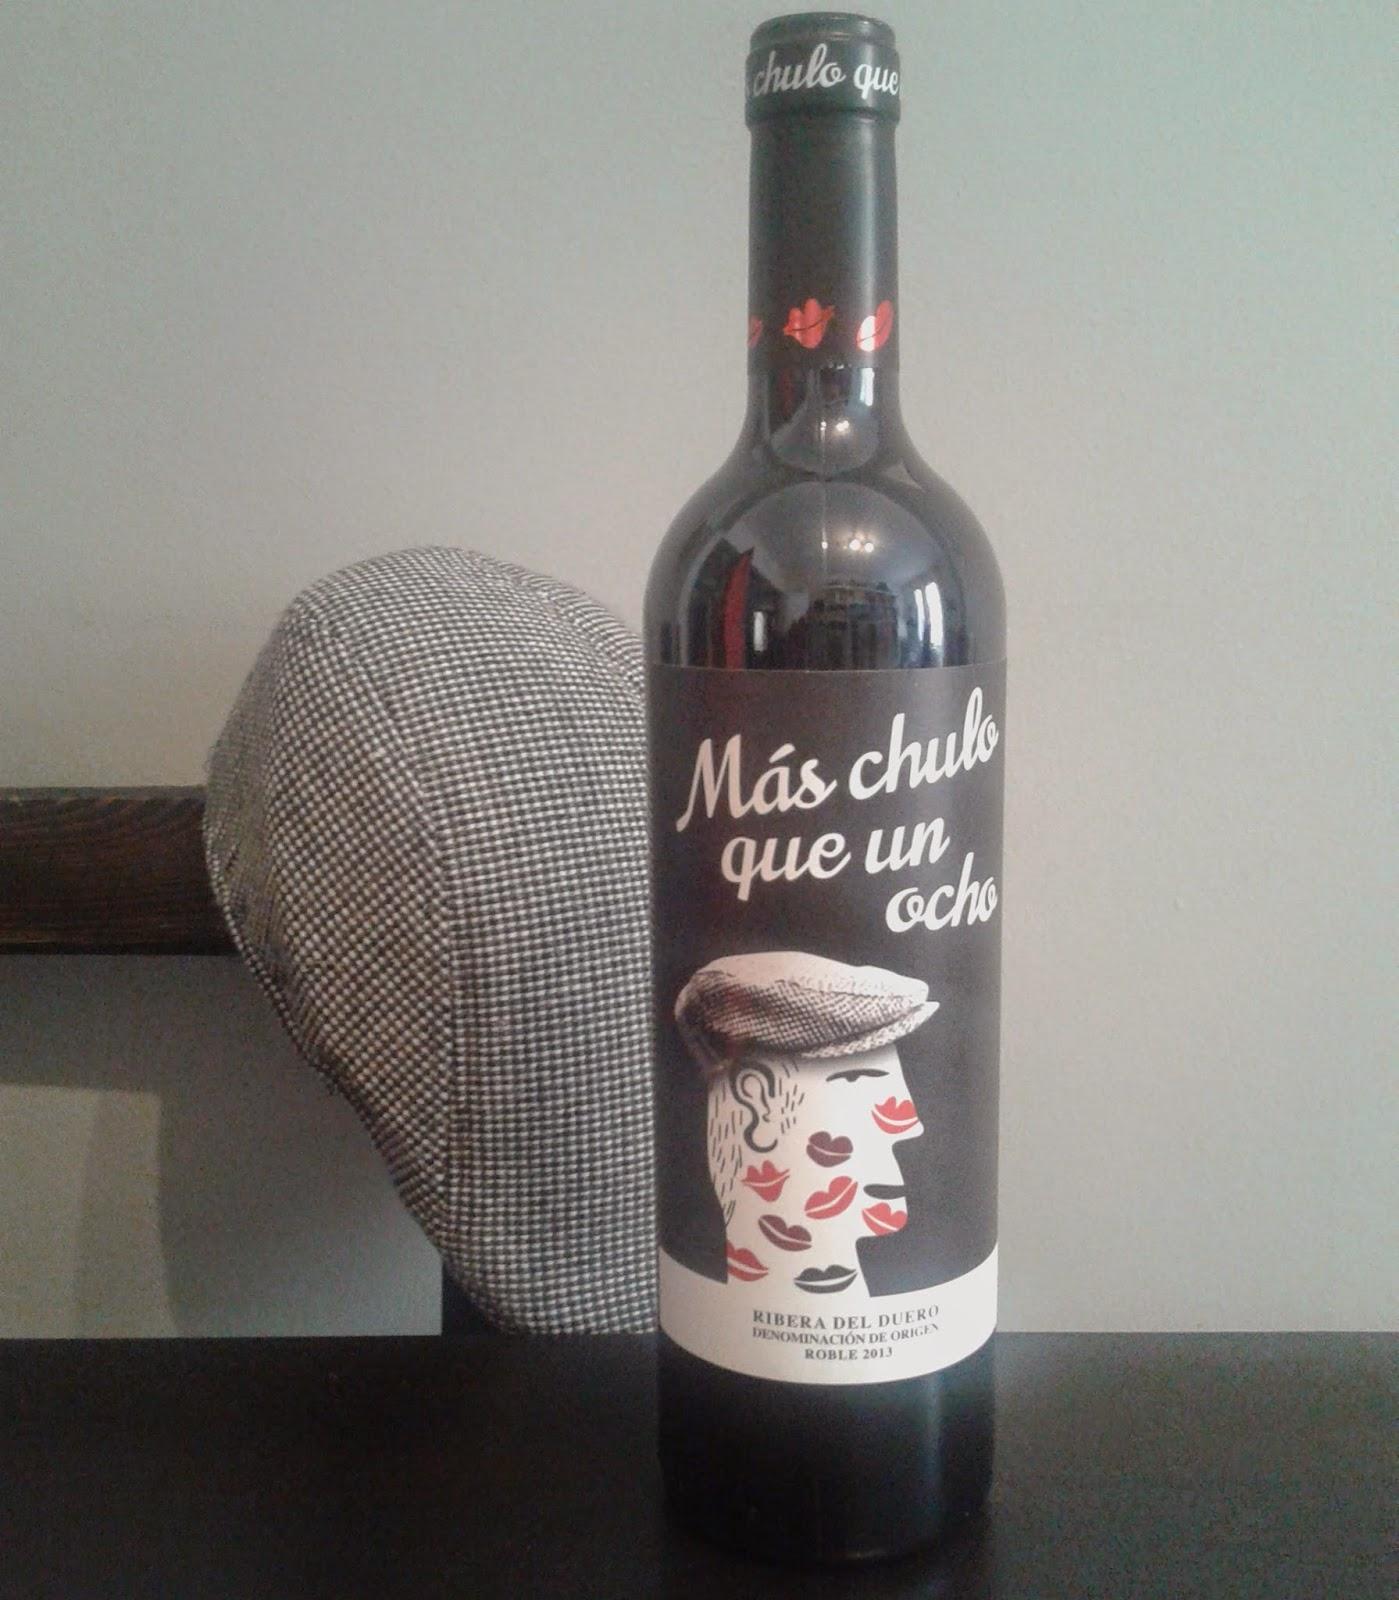 El vino tinto más chulo de toda la ribera del duero